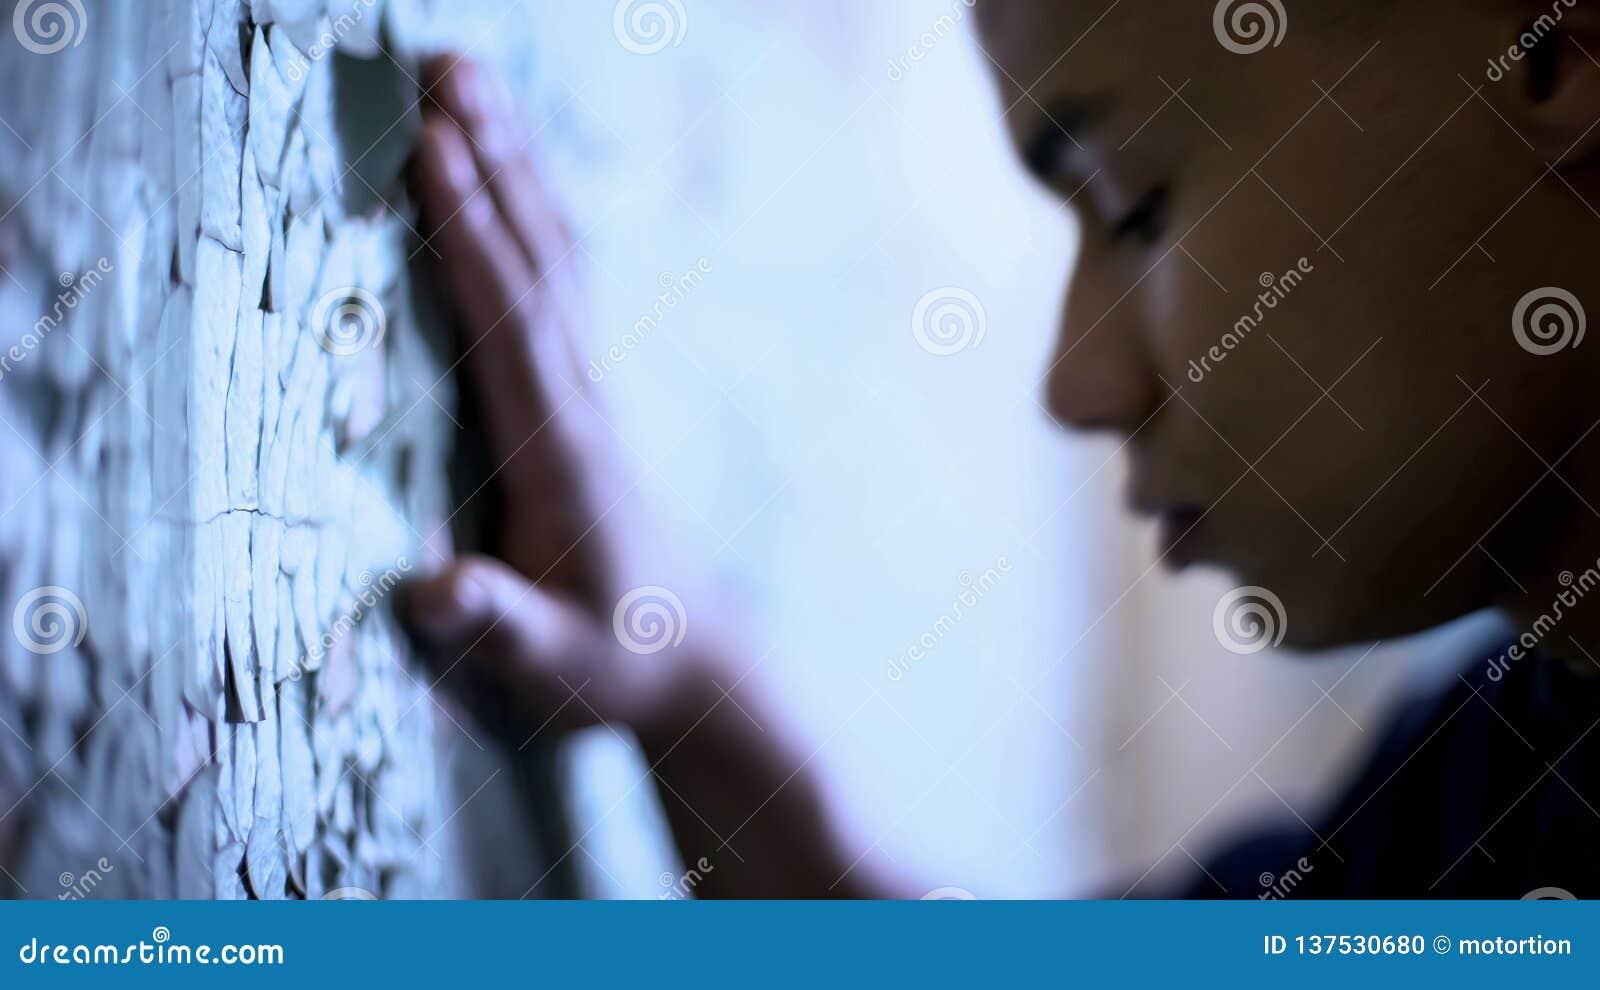 Afroe-amerikanisch jugendlich rührende flockige Wand-, Armut- und Lebenschwierigkeiten, Traurigkeit